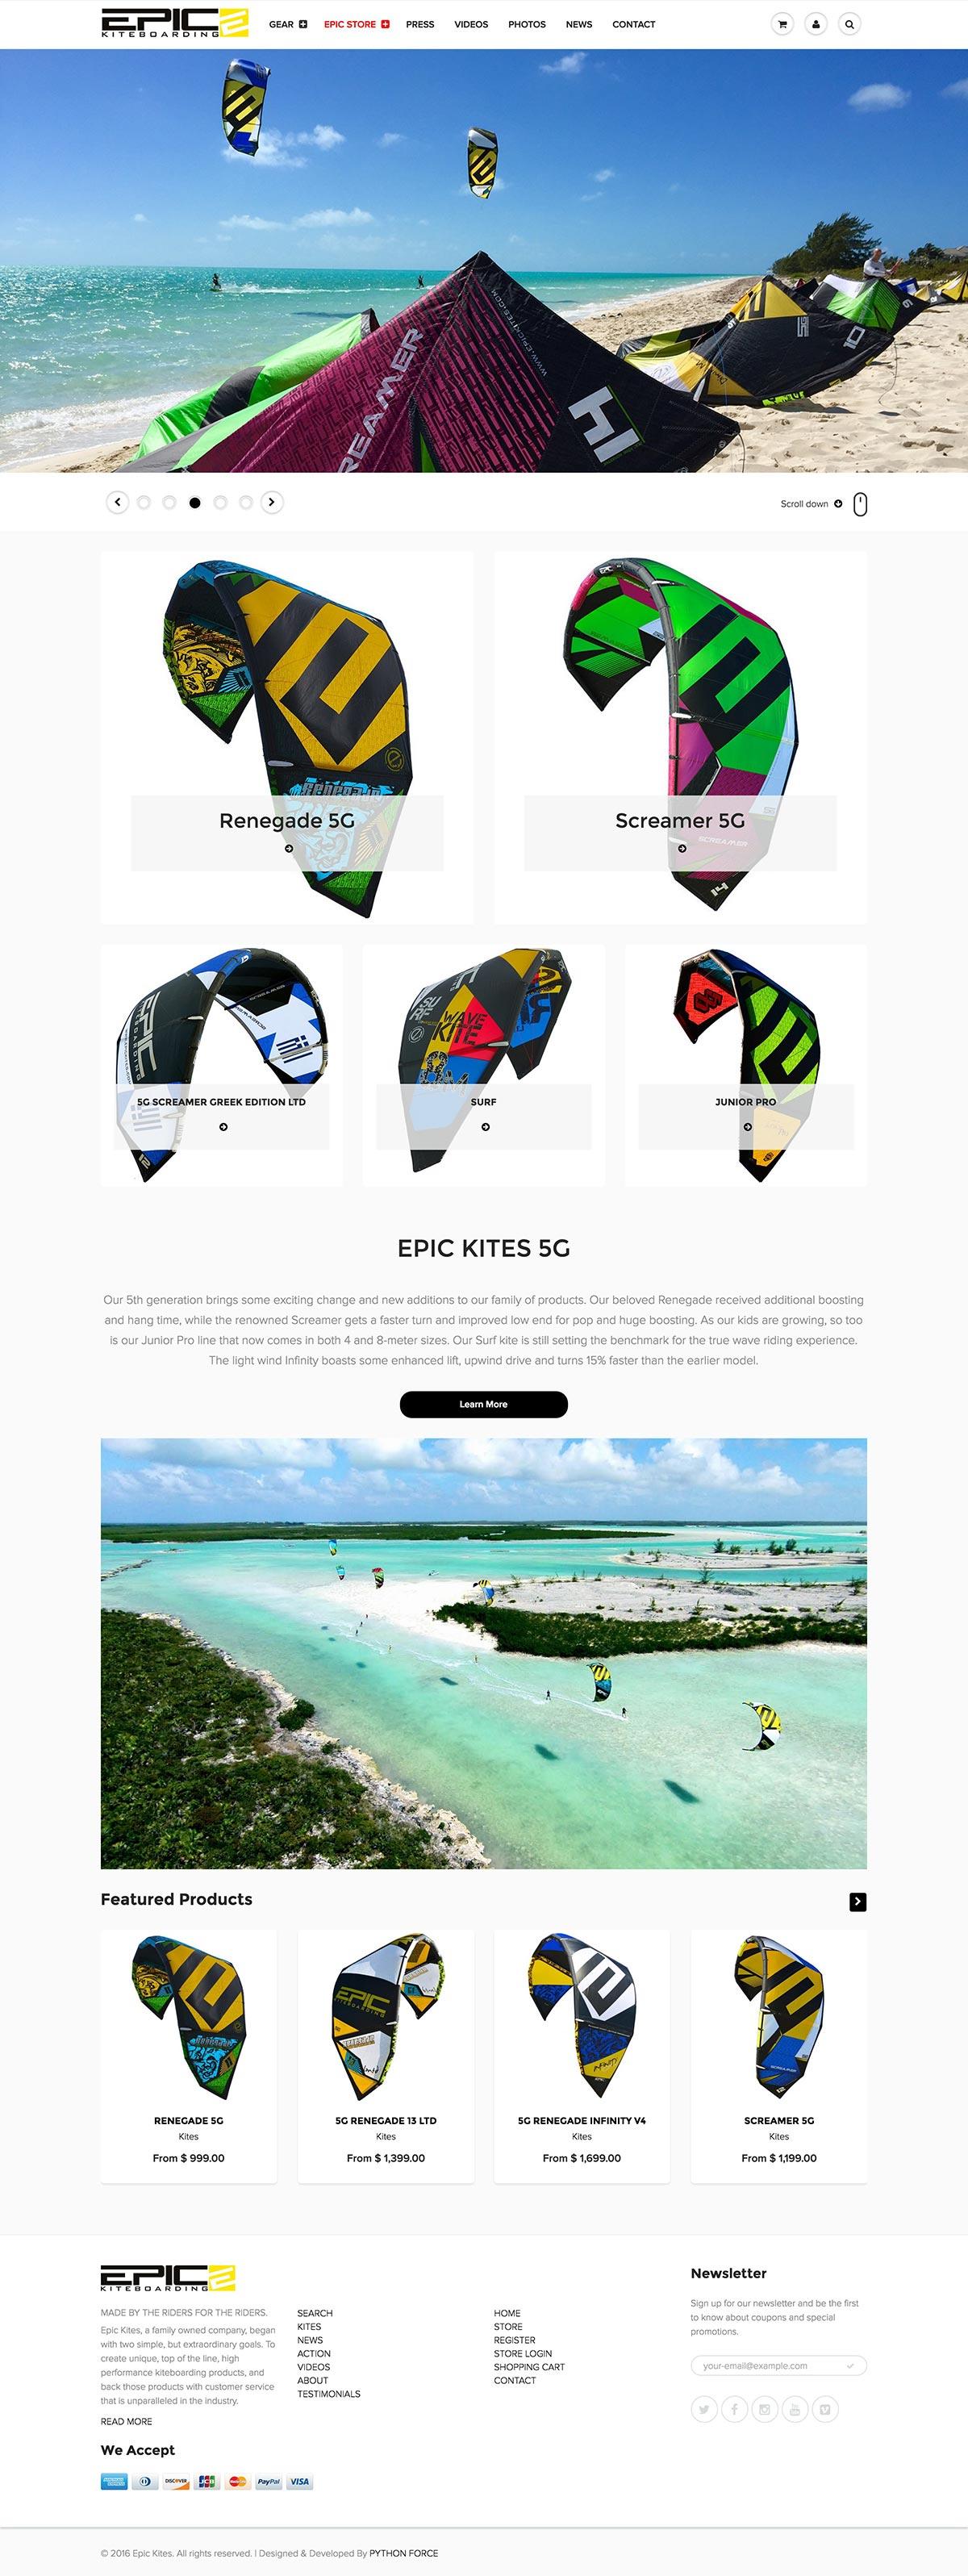 EPIC KITES KITEBOARDING STORE website